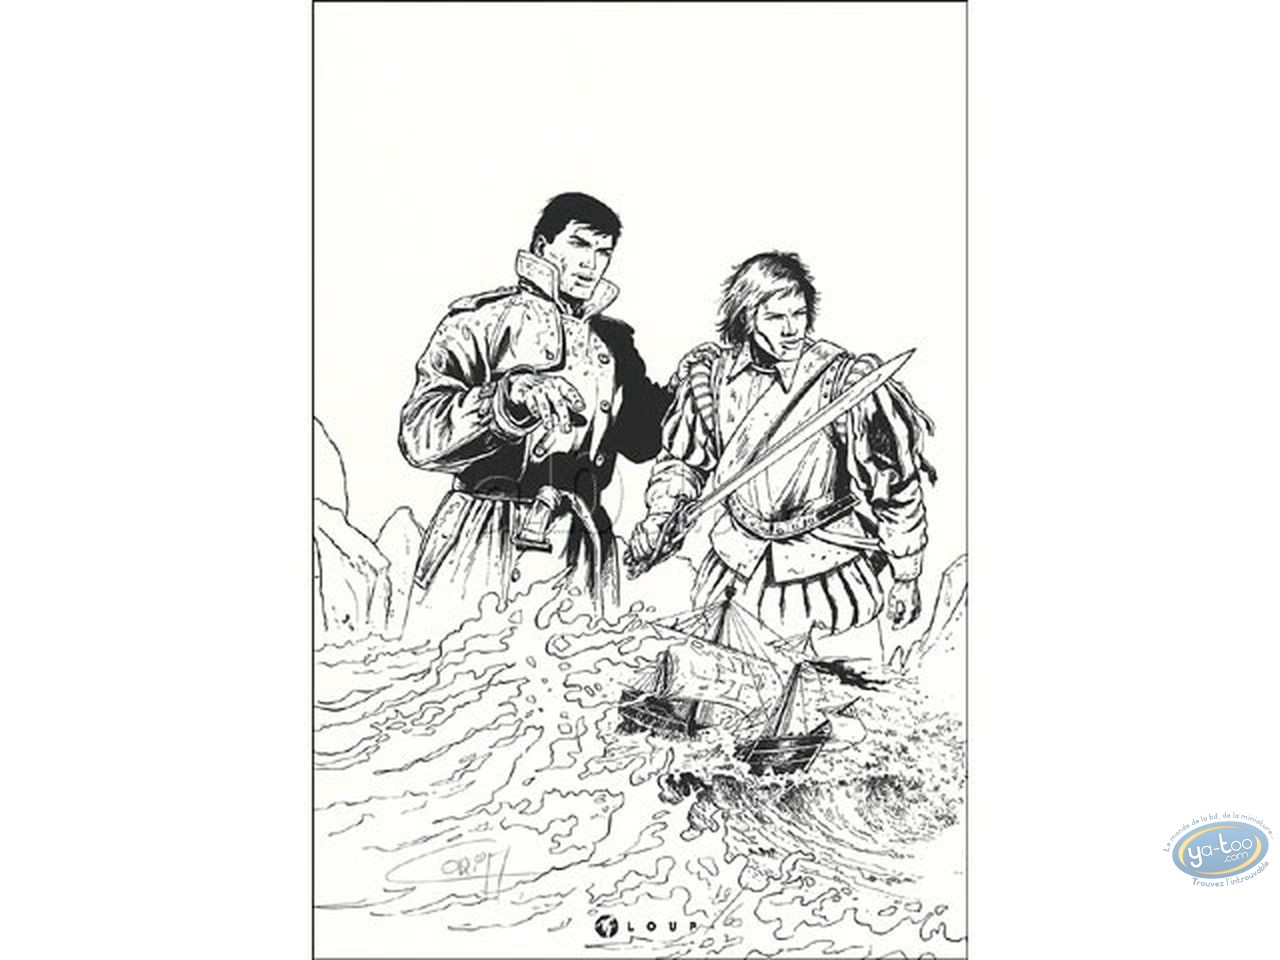 Ex-libris Sérigraphie, Bob Morane : Coria, Bob Morane & Vega (n&b)